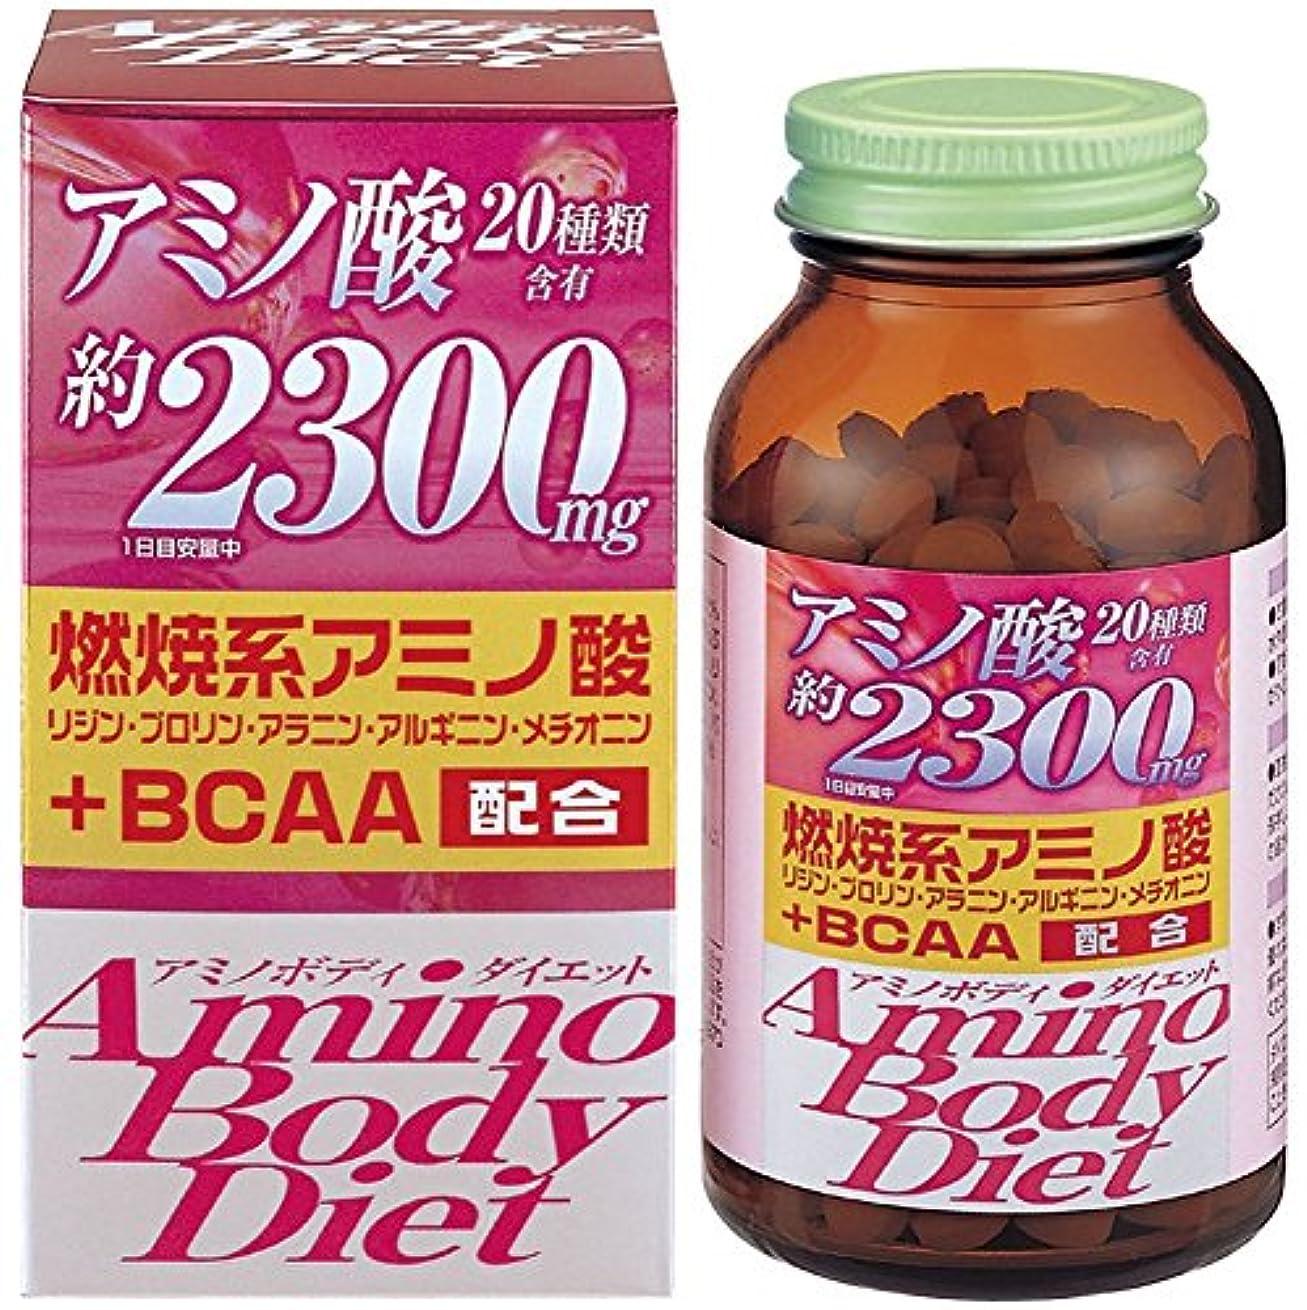 ジャンクゴミ箱を空にする願望アミノボディダイエット粒 300粒×(5セット)